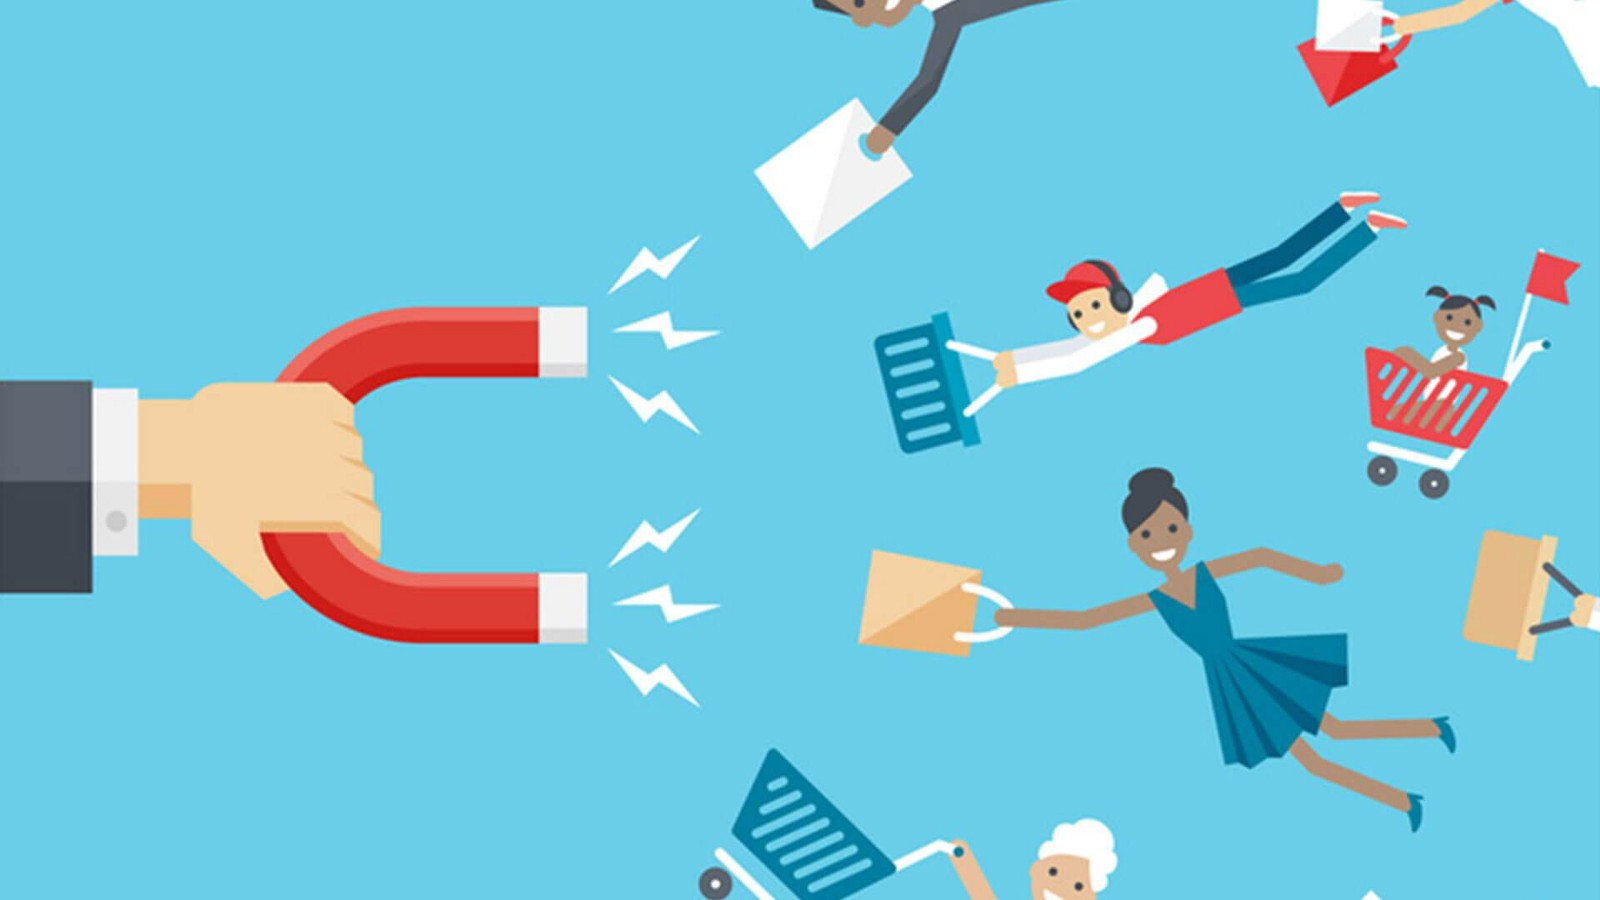 Как увеличить прибыль за счет PBM (People-Based Marketing)